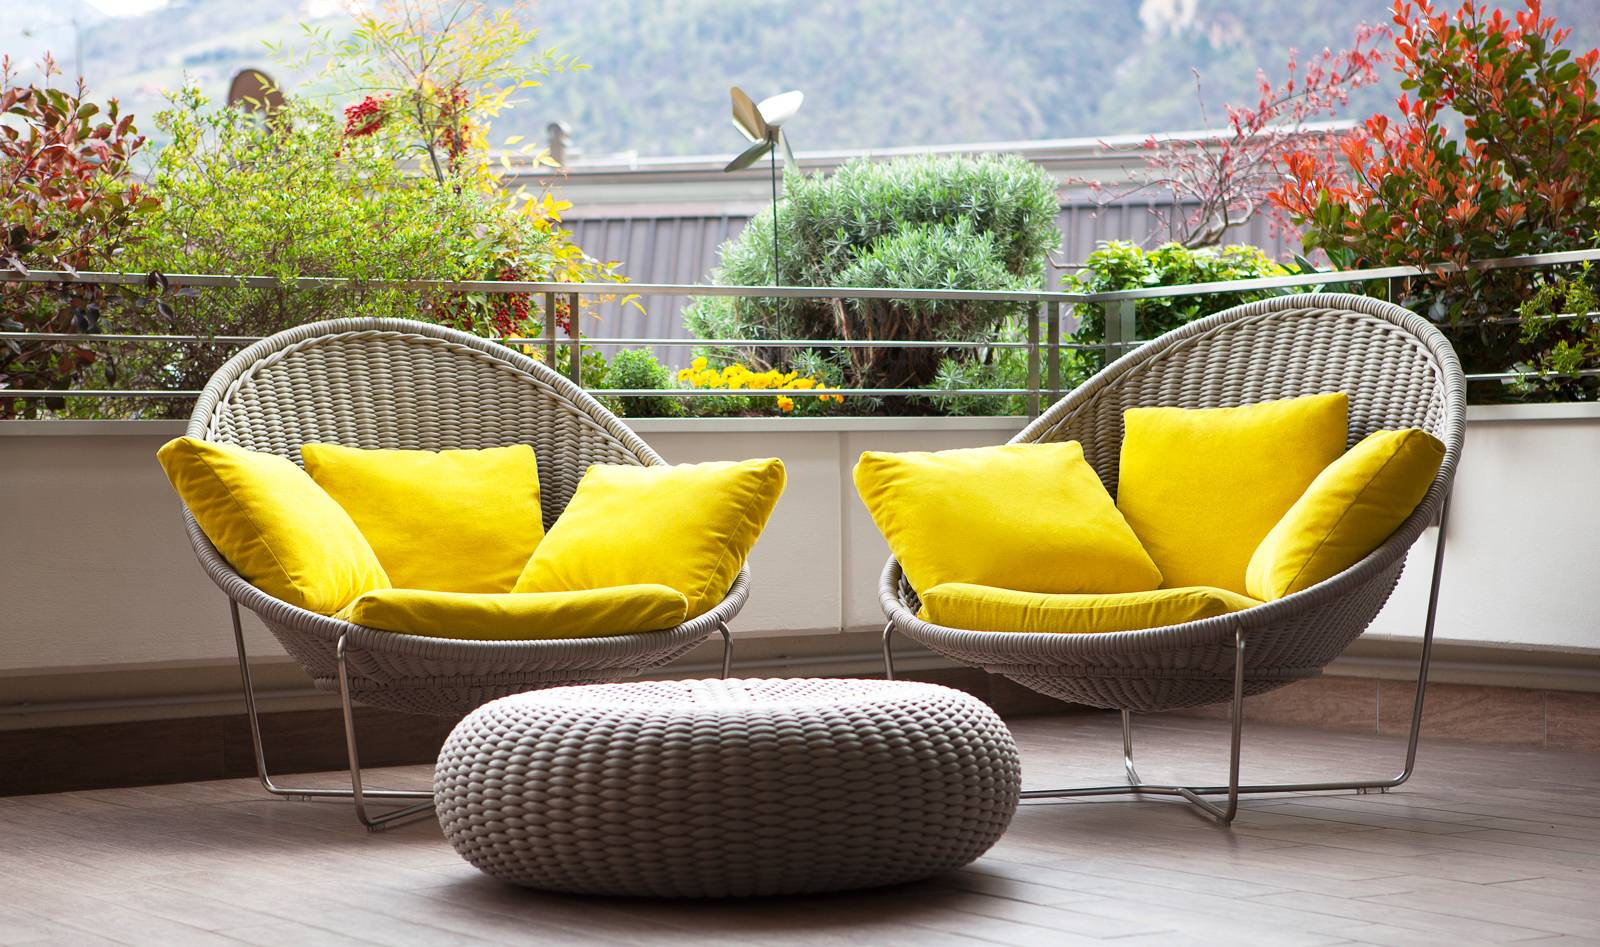 Dise o de planos de apartamento e interior construye hogar - Sillones para terrazas ...